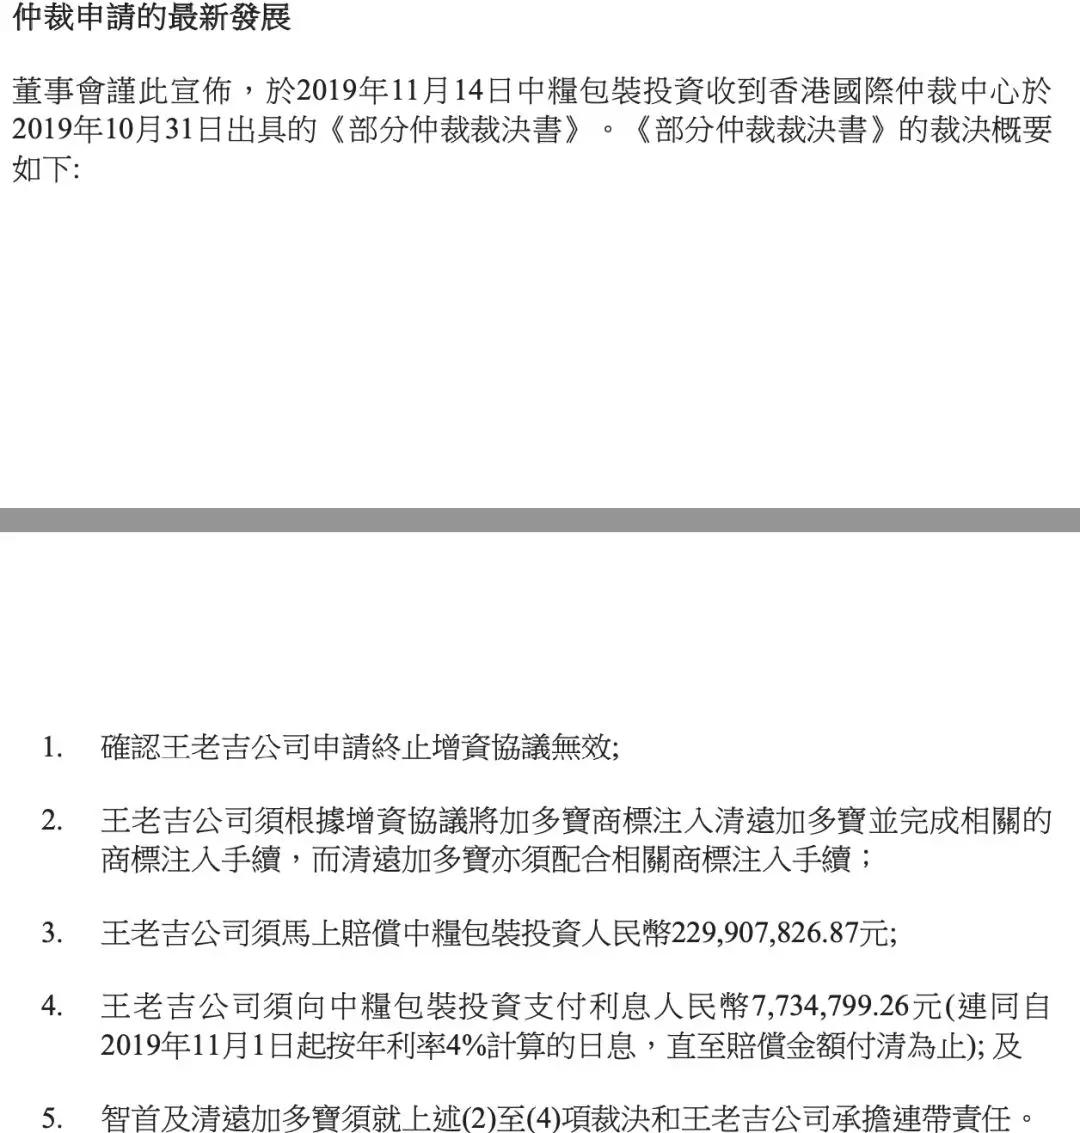 新濠娱乐场平台注册,6月22日民俗生人